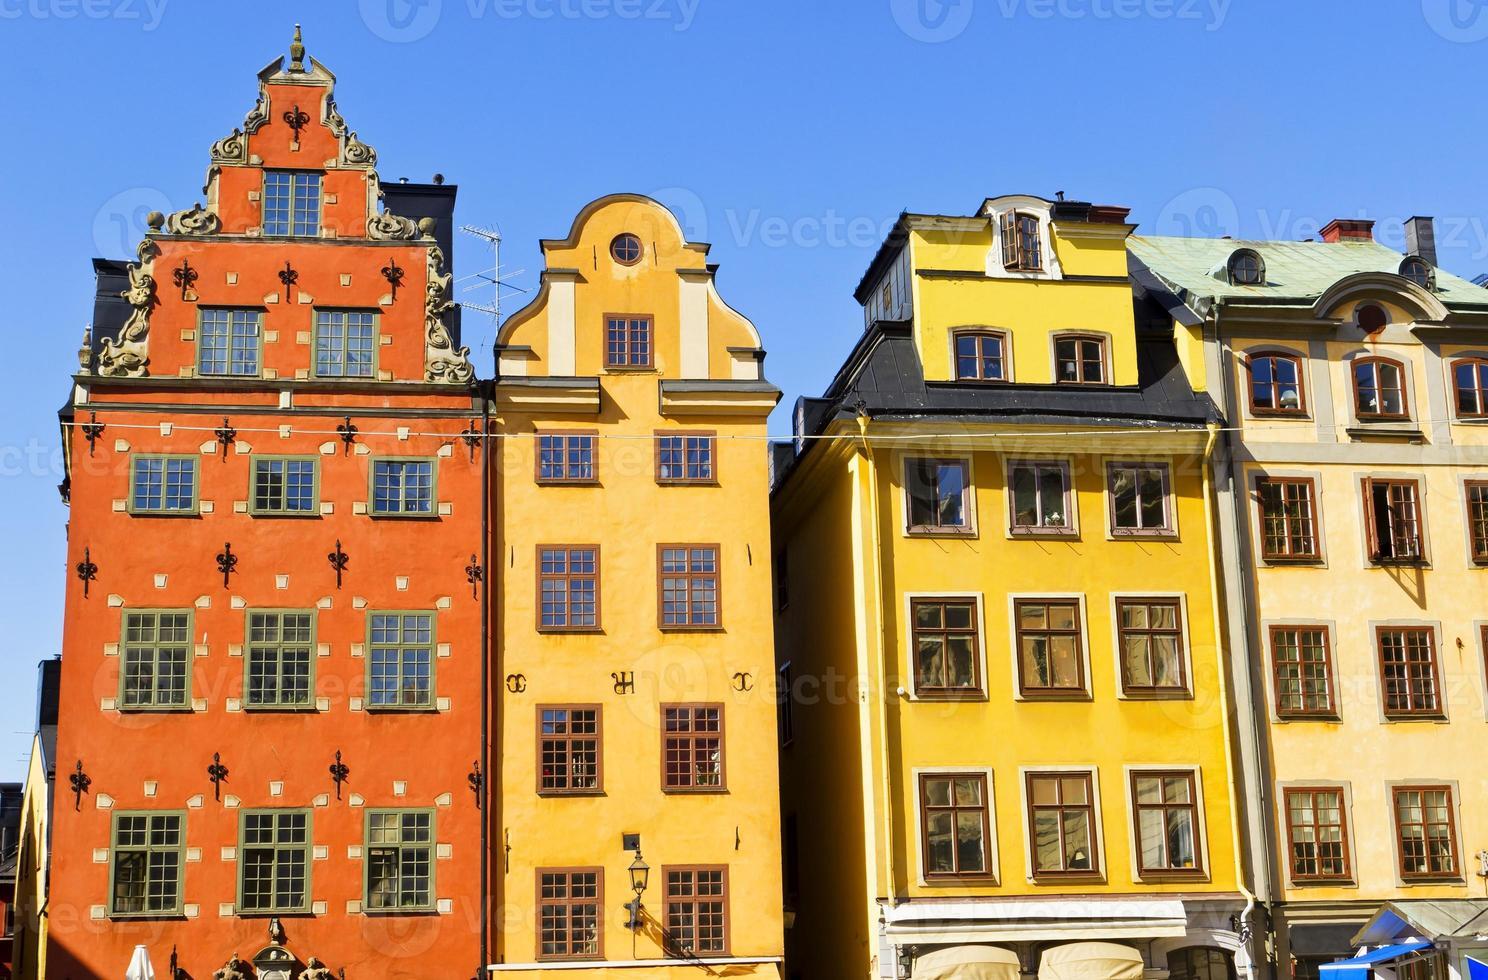 Maisons de Stortorget Place à Gamla Stan, Stockholm photo